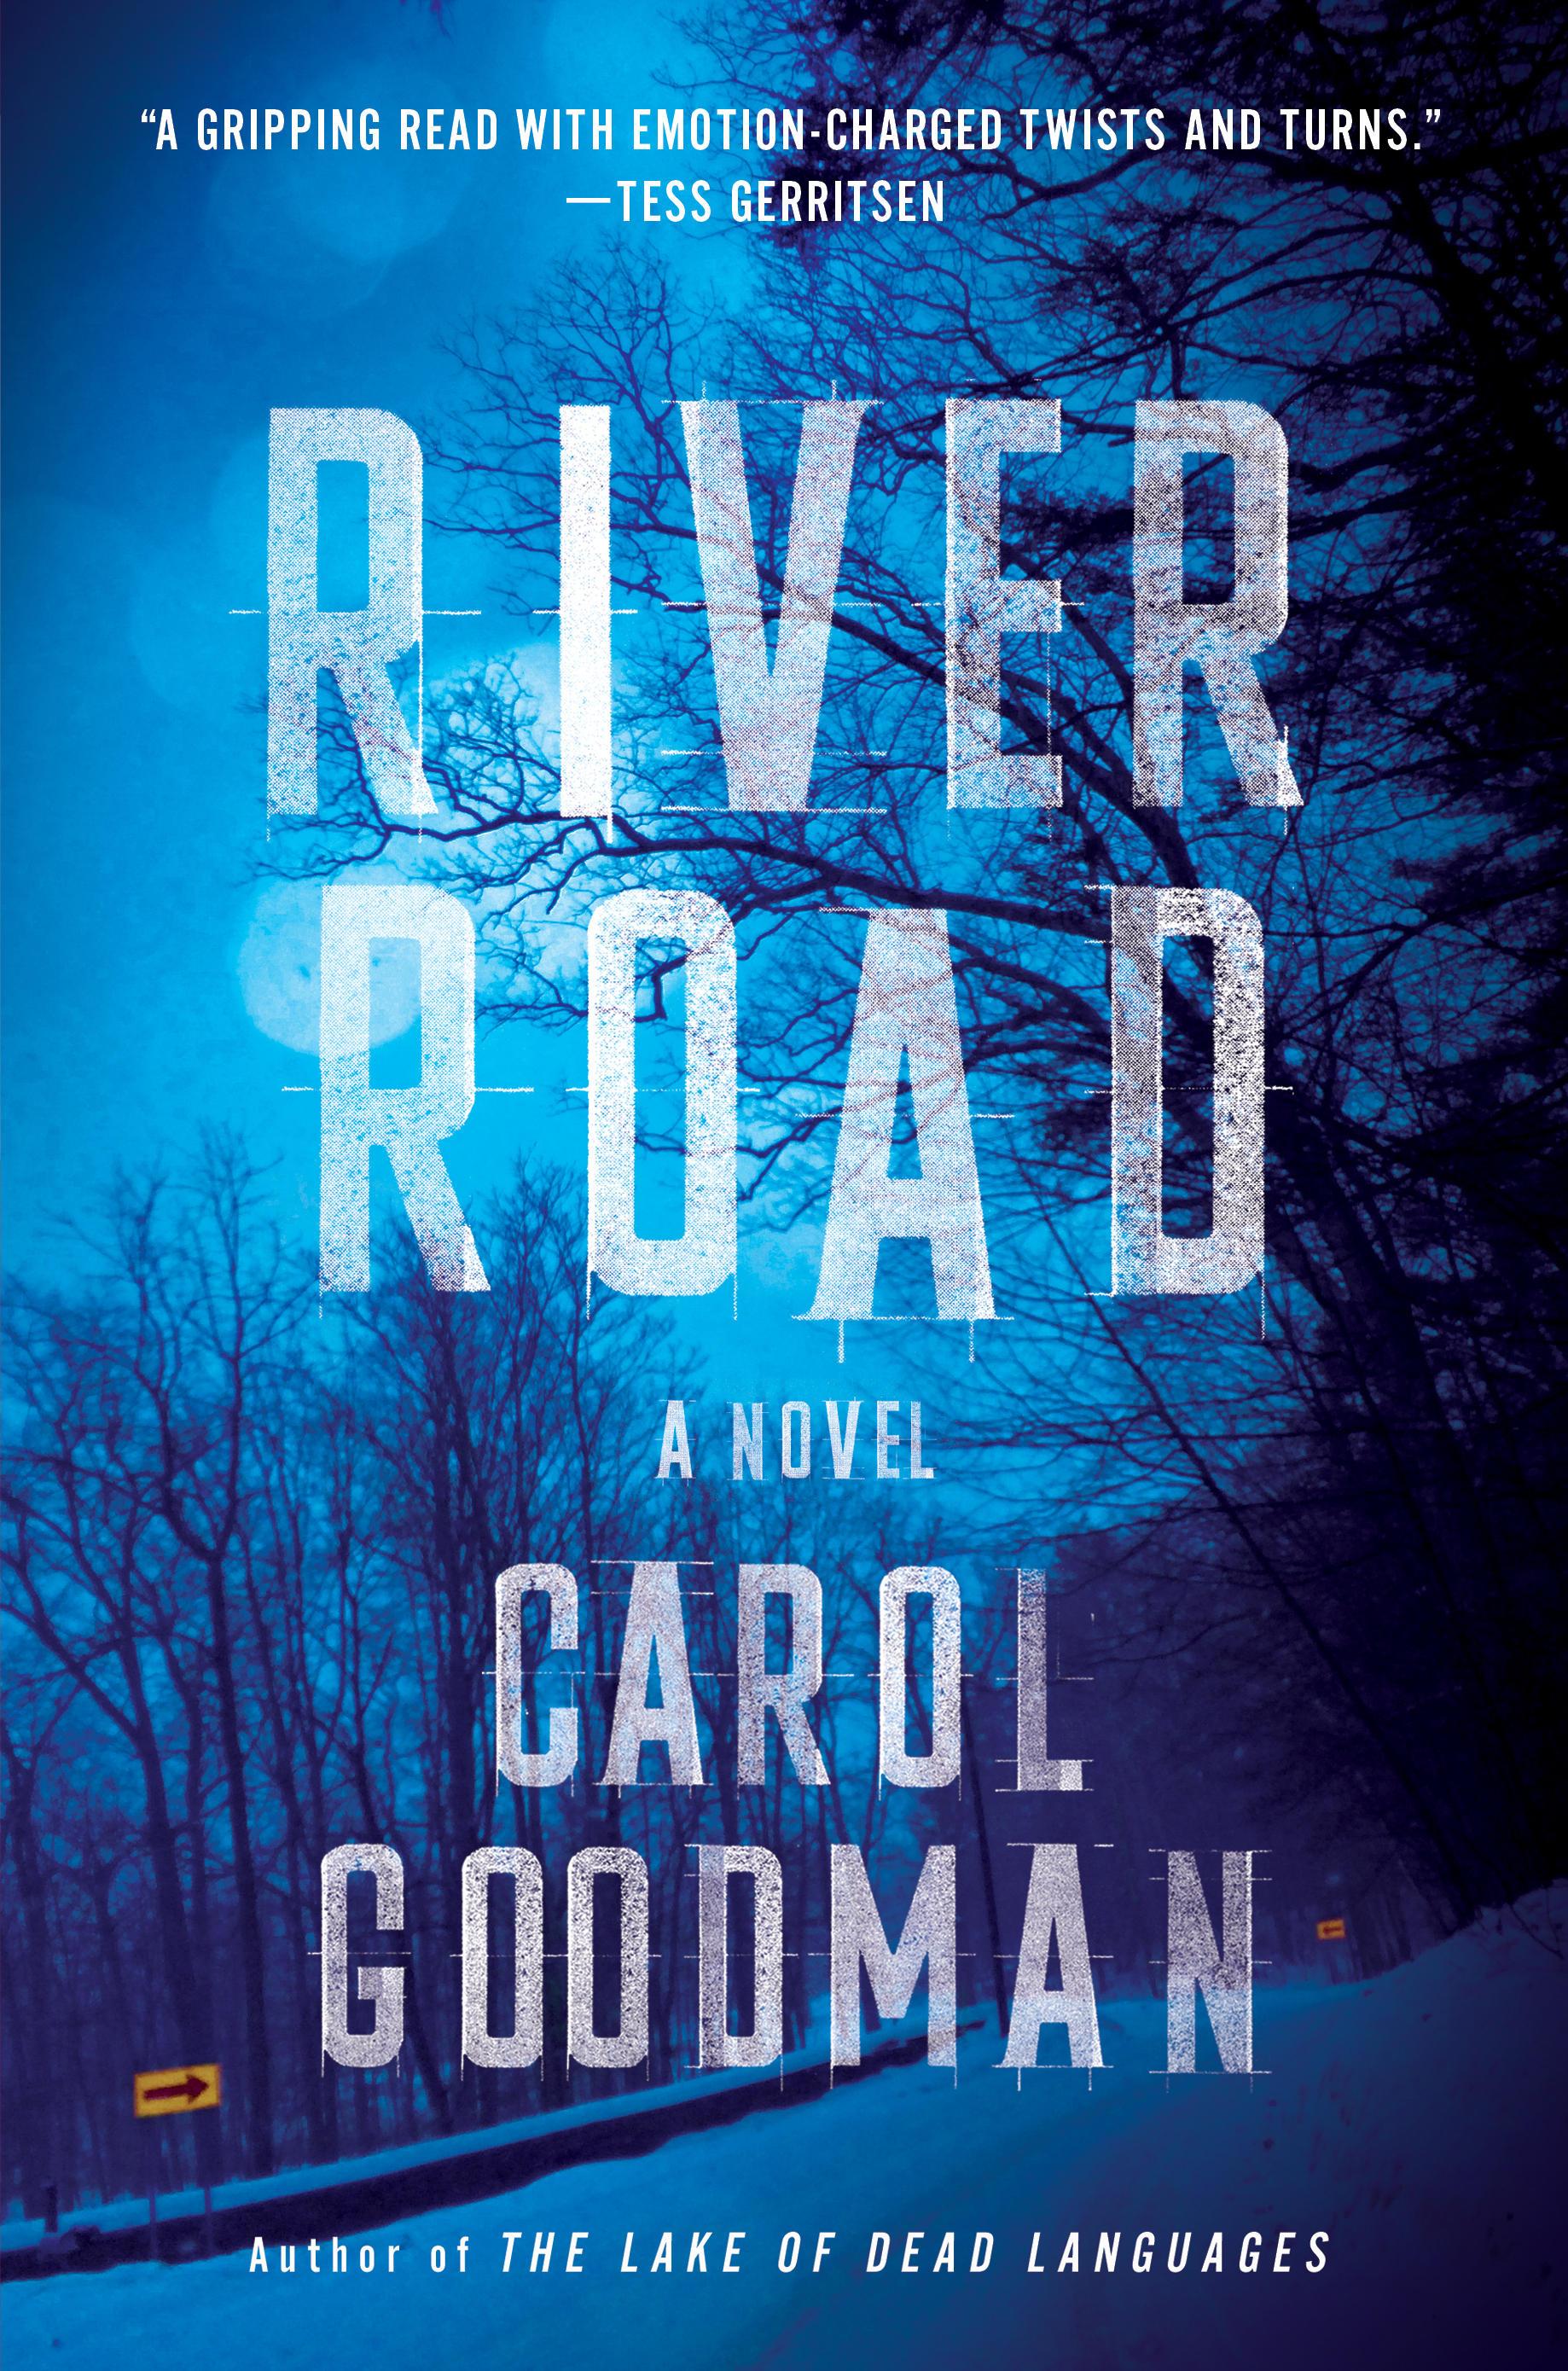 #1439 – Carol Goodman